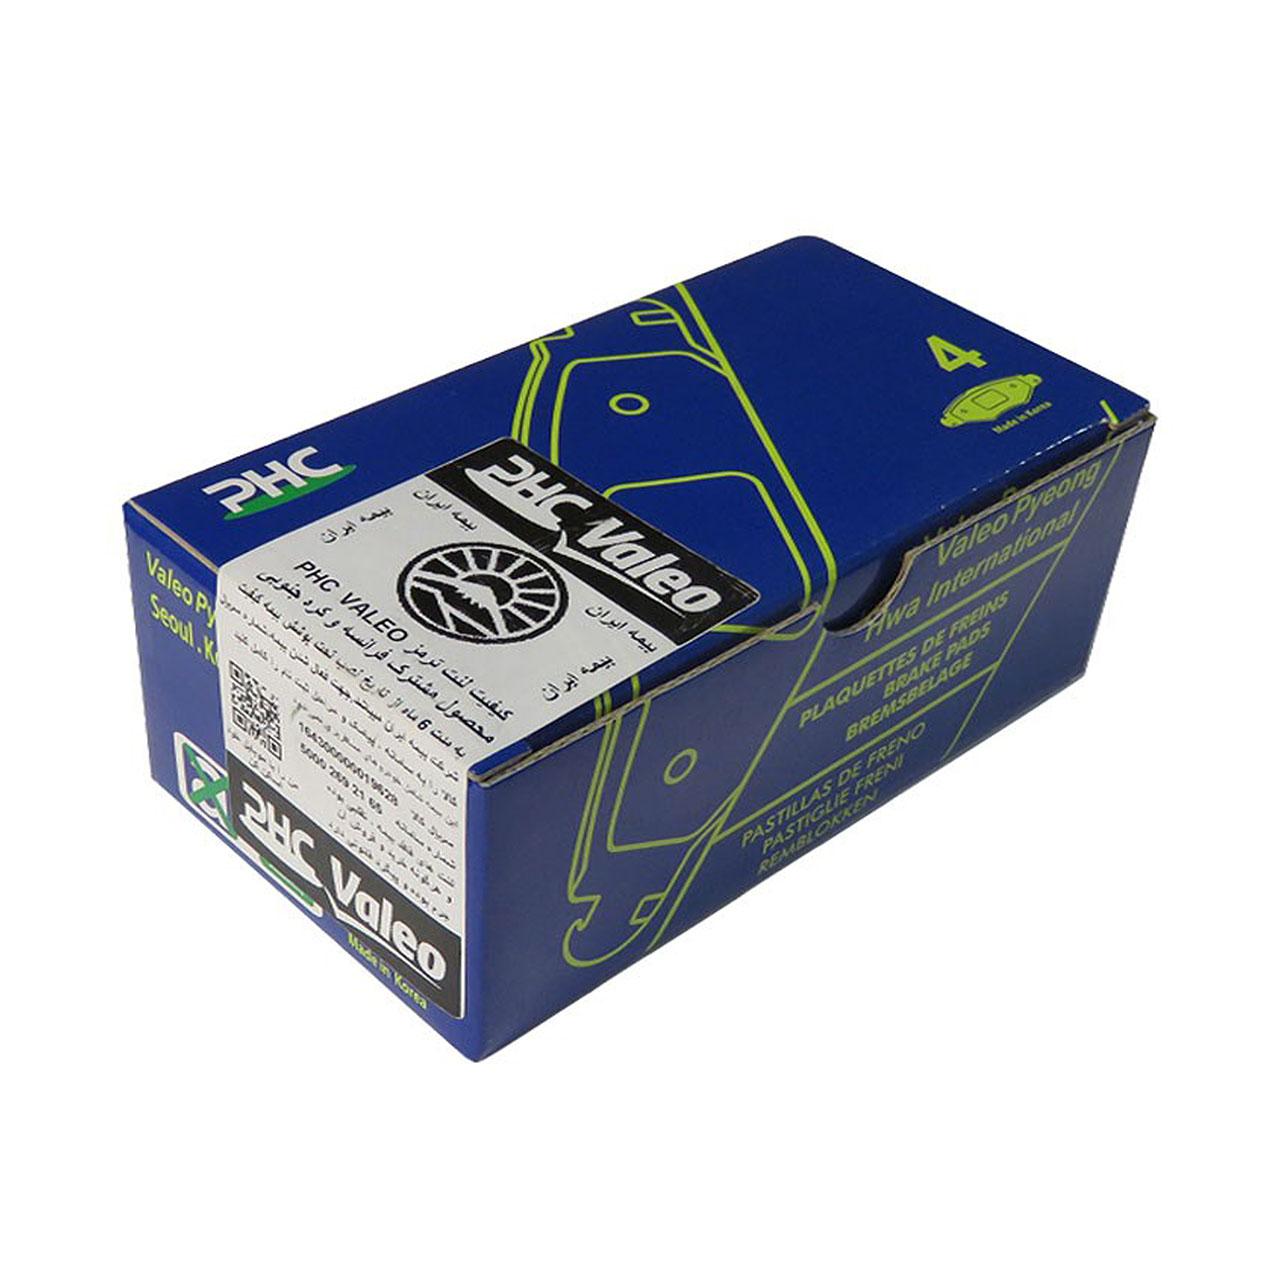 لنت ترمز  جلو پی اچ سی والیو مدل BP2029 مناسب برای کیا سراتو 2000 سی سی  بسته 4 عددی